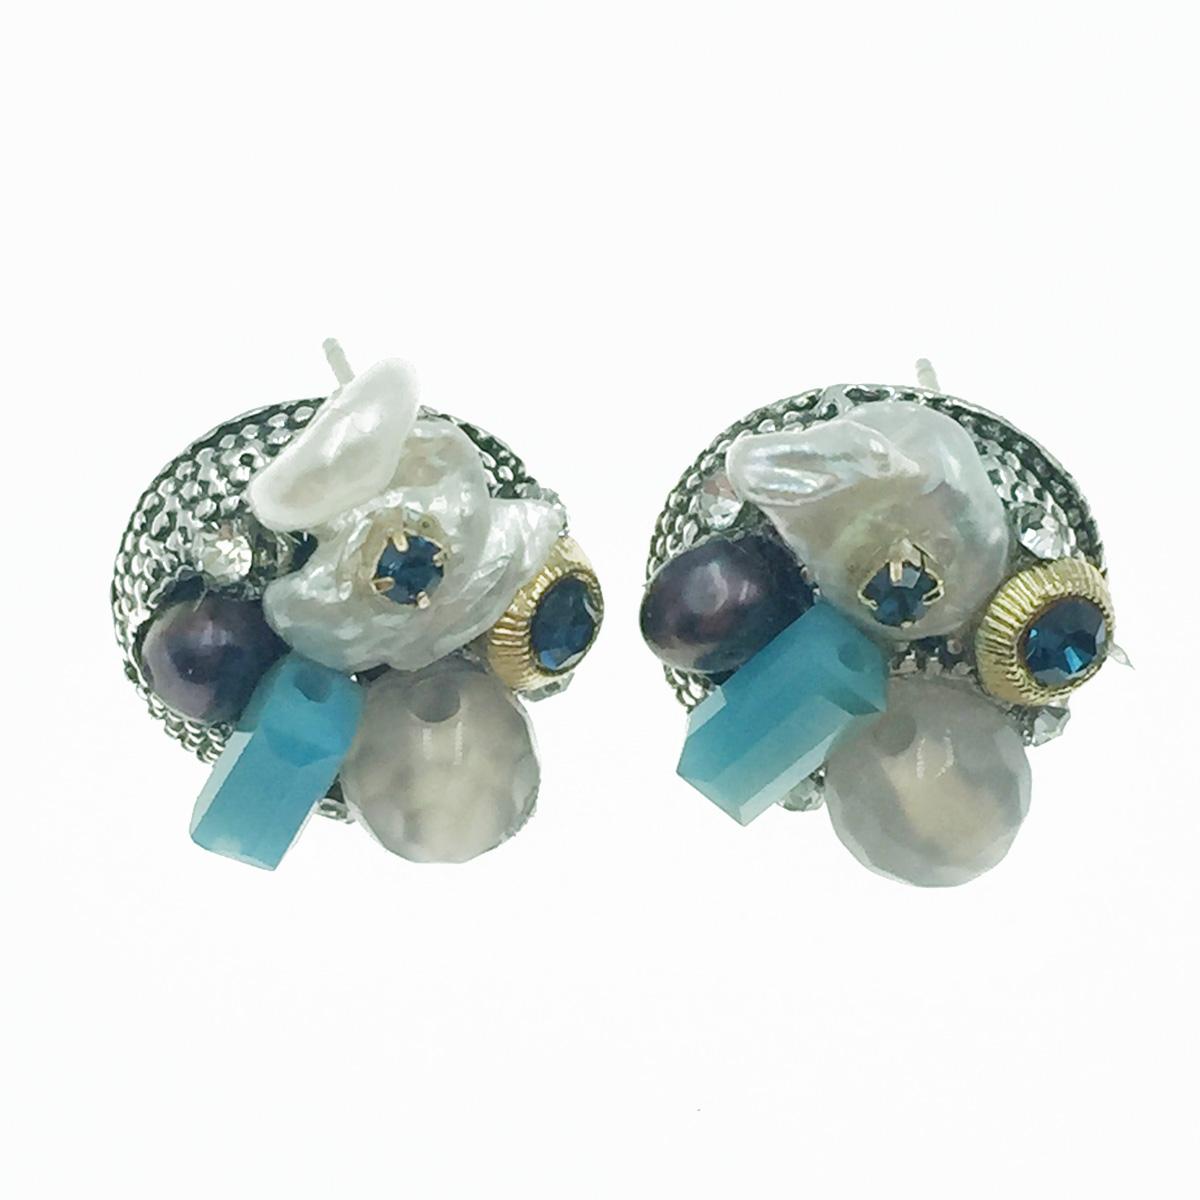 韓國 925純銀 水鑽 寶石 復古民族風 耳針式耳環